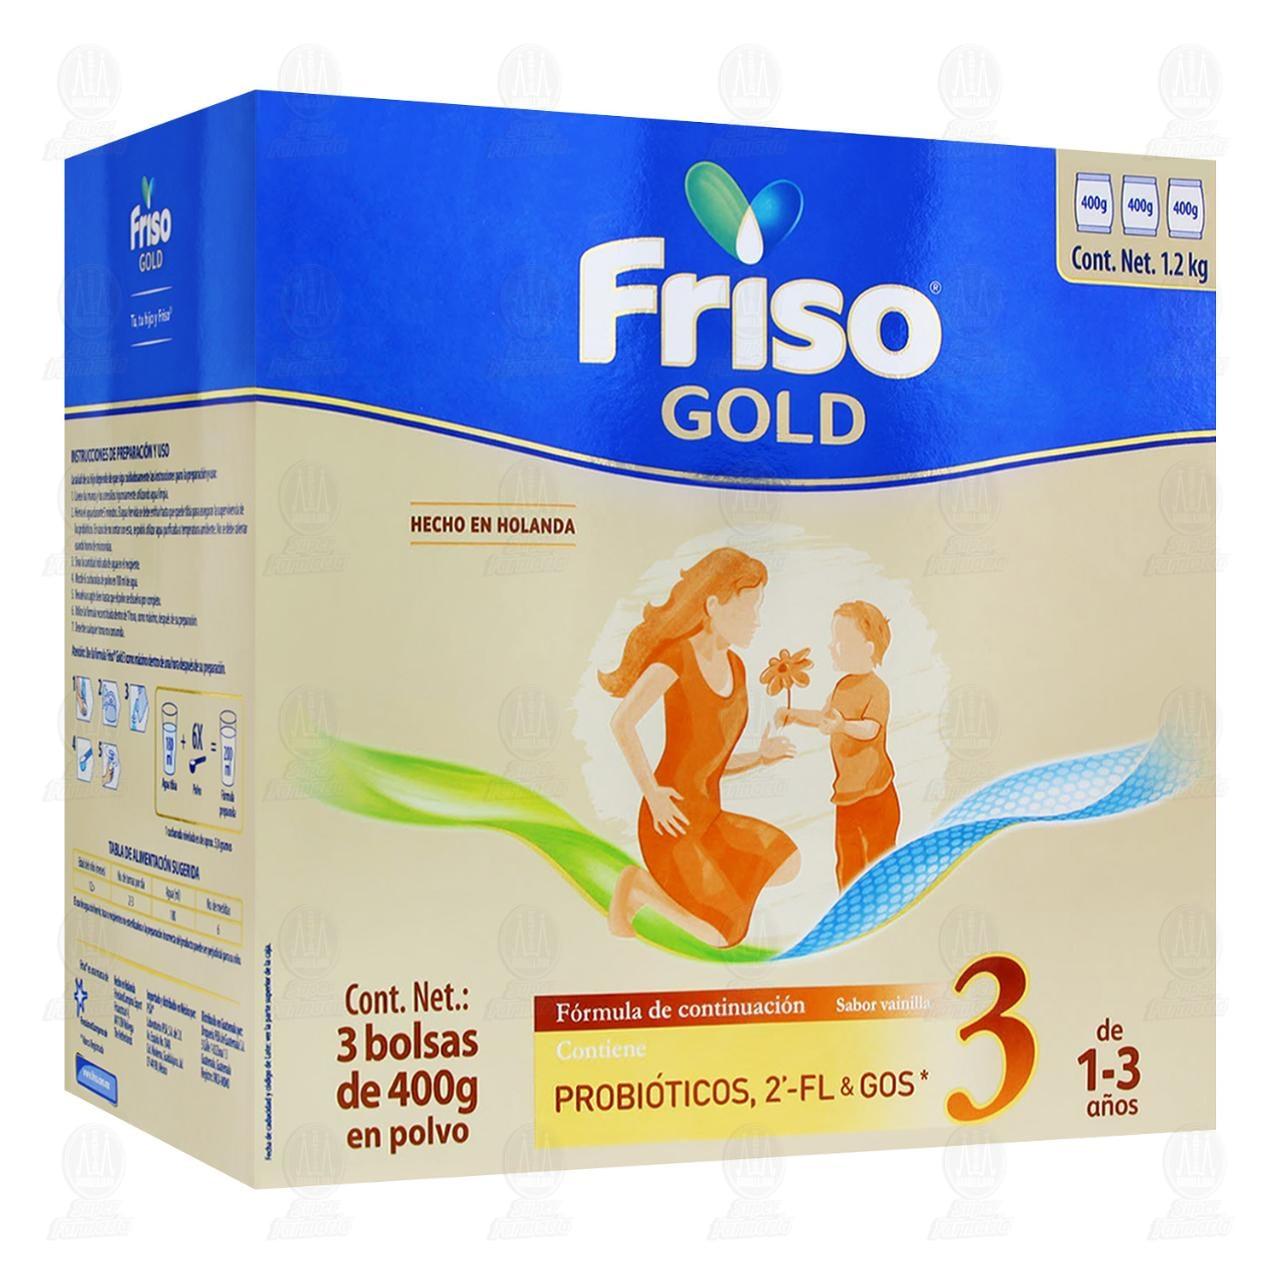 Comprar Fórmula Infantil Friso Gold 3 Joven Explorador Sabor Vainilla (Edad 1 a 3 Años), 1.2 kg. en Farmacias Guadalajara